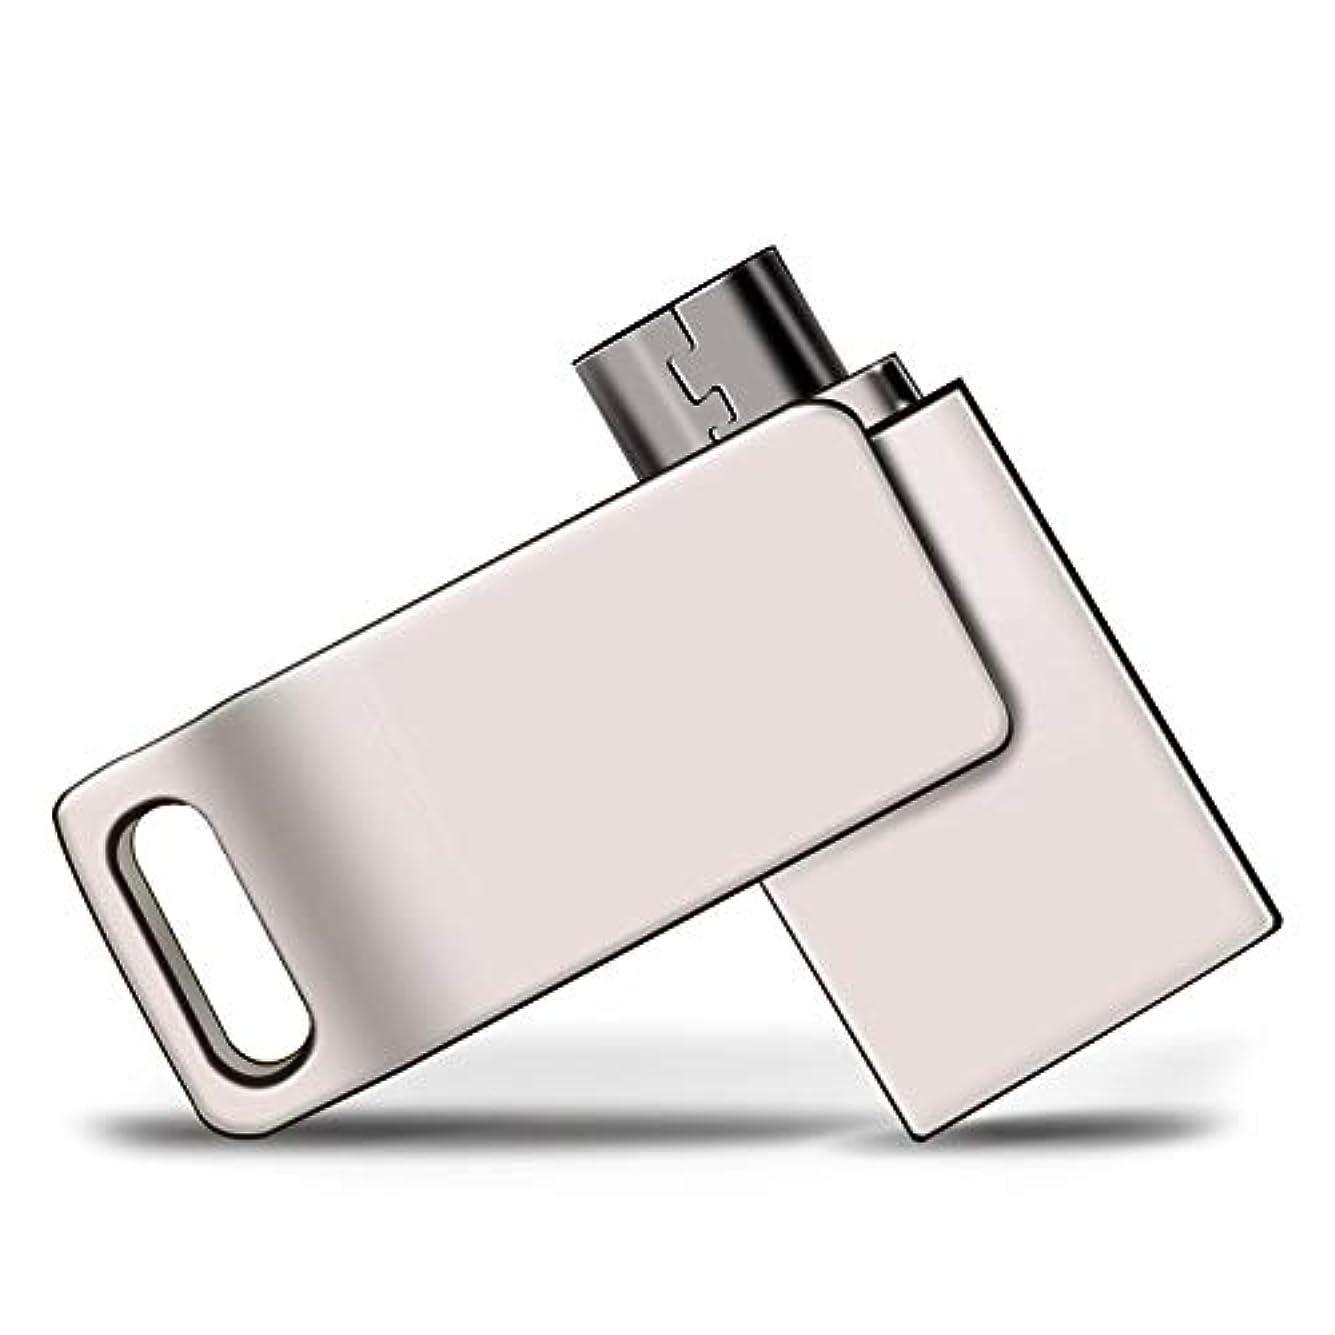 聴衆学校チューブコンピュータ携帯電話USBフラッシュドライブ、32 GデュアルユースUディスク、64 Gメタルメモリースティック、2つの回転Usb 2.0高速フラッシュドライブ (Capacity : 8GB)